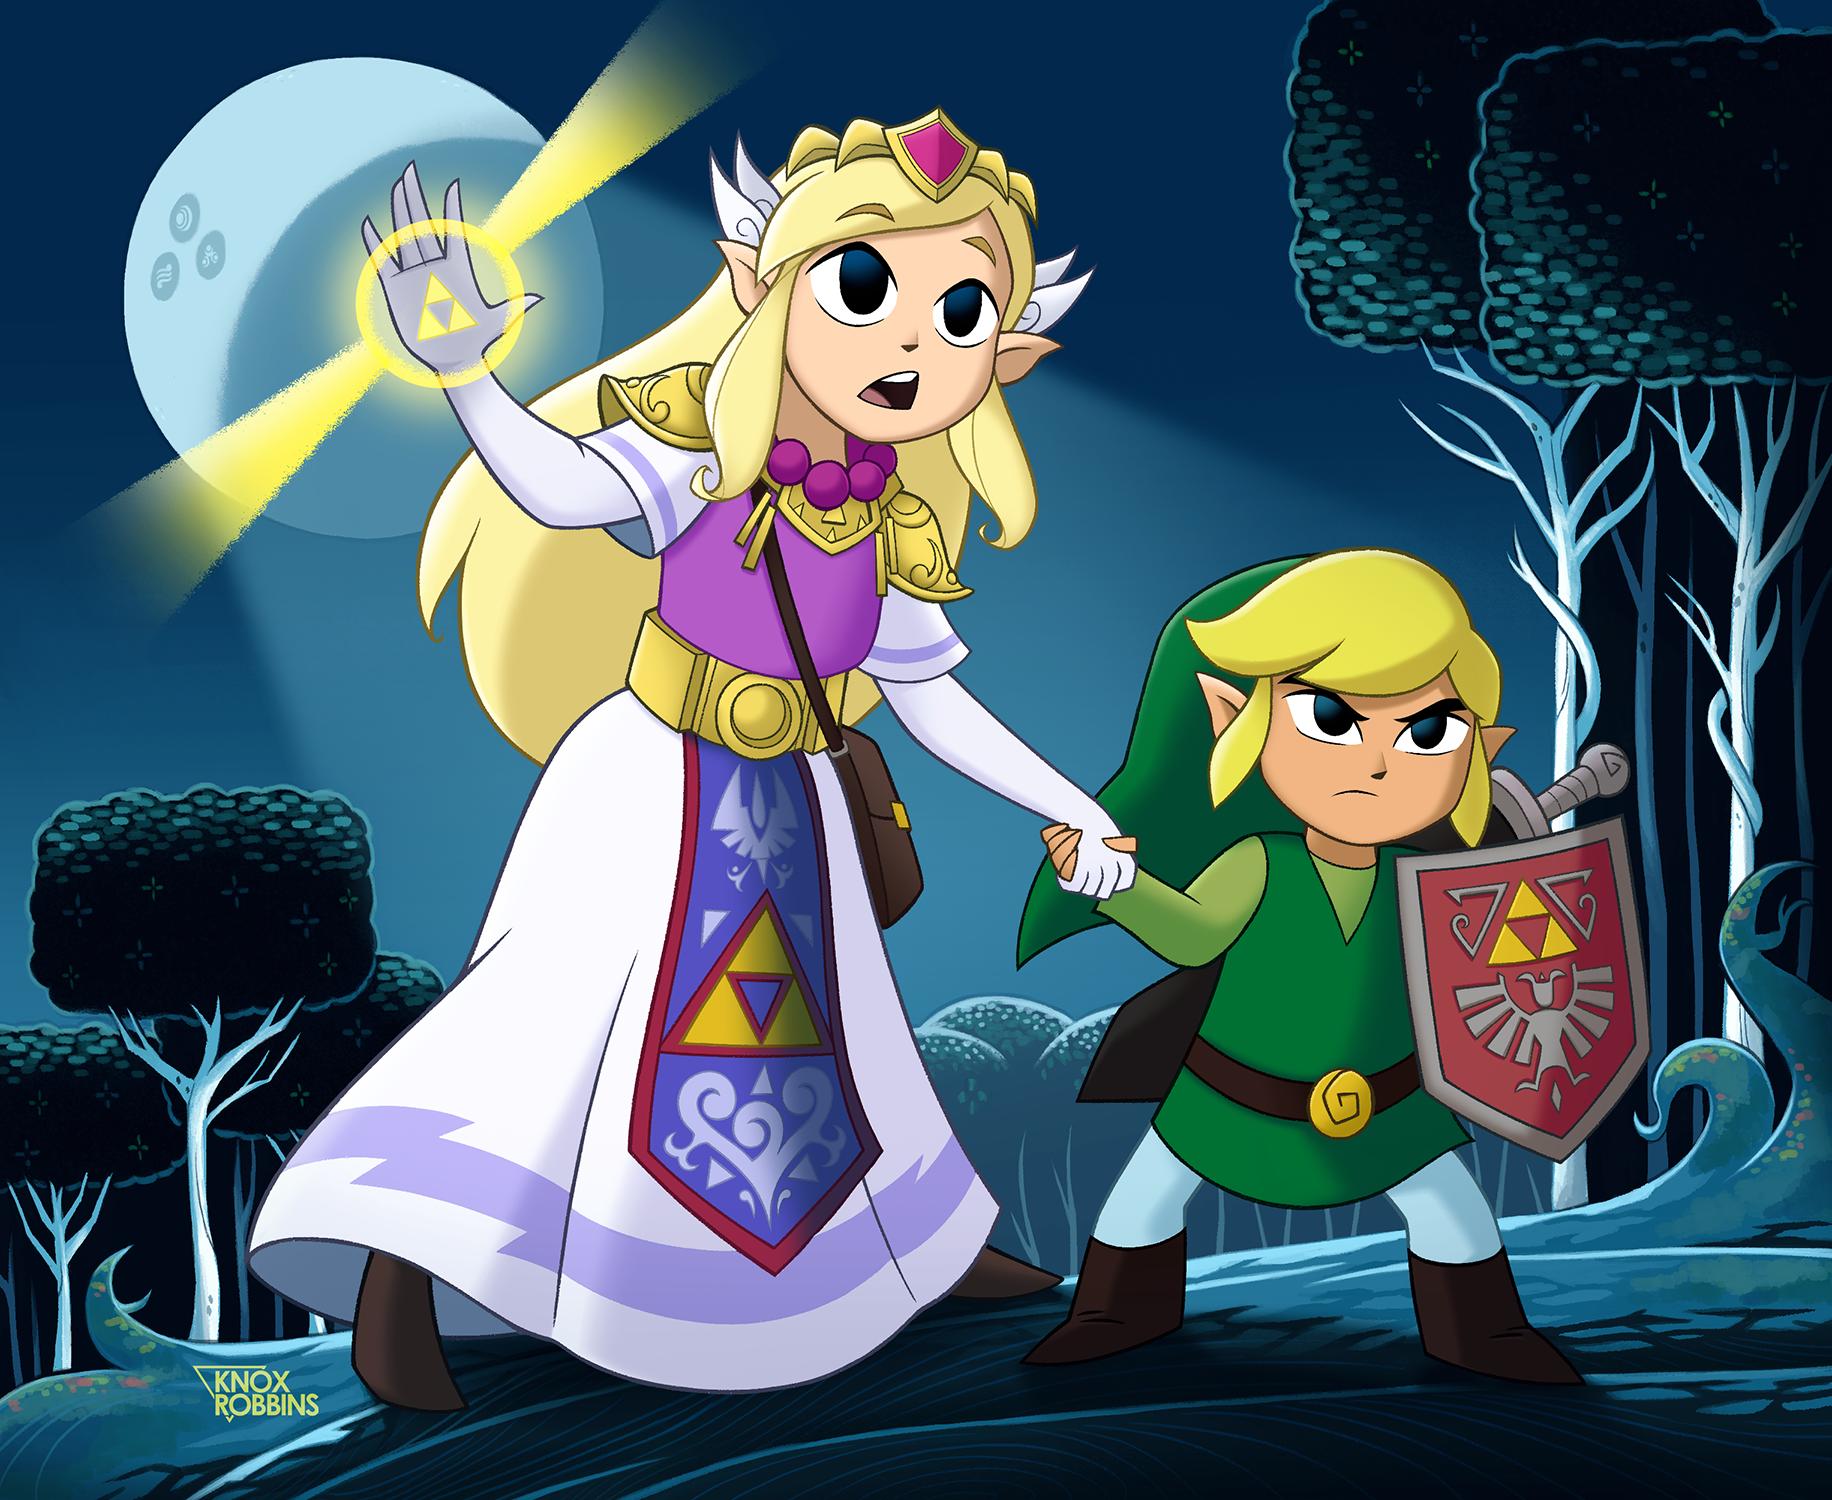 Into the Lost Woods (Zelda)